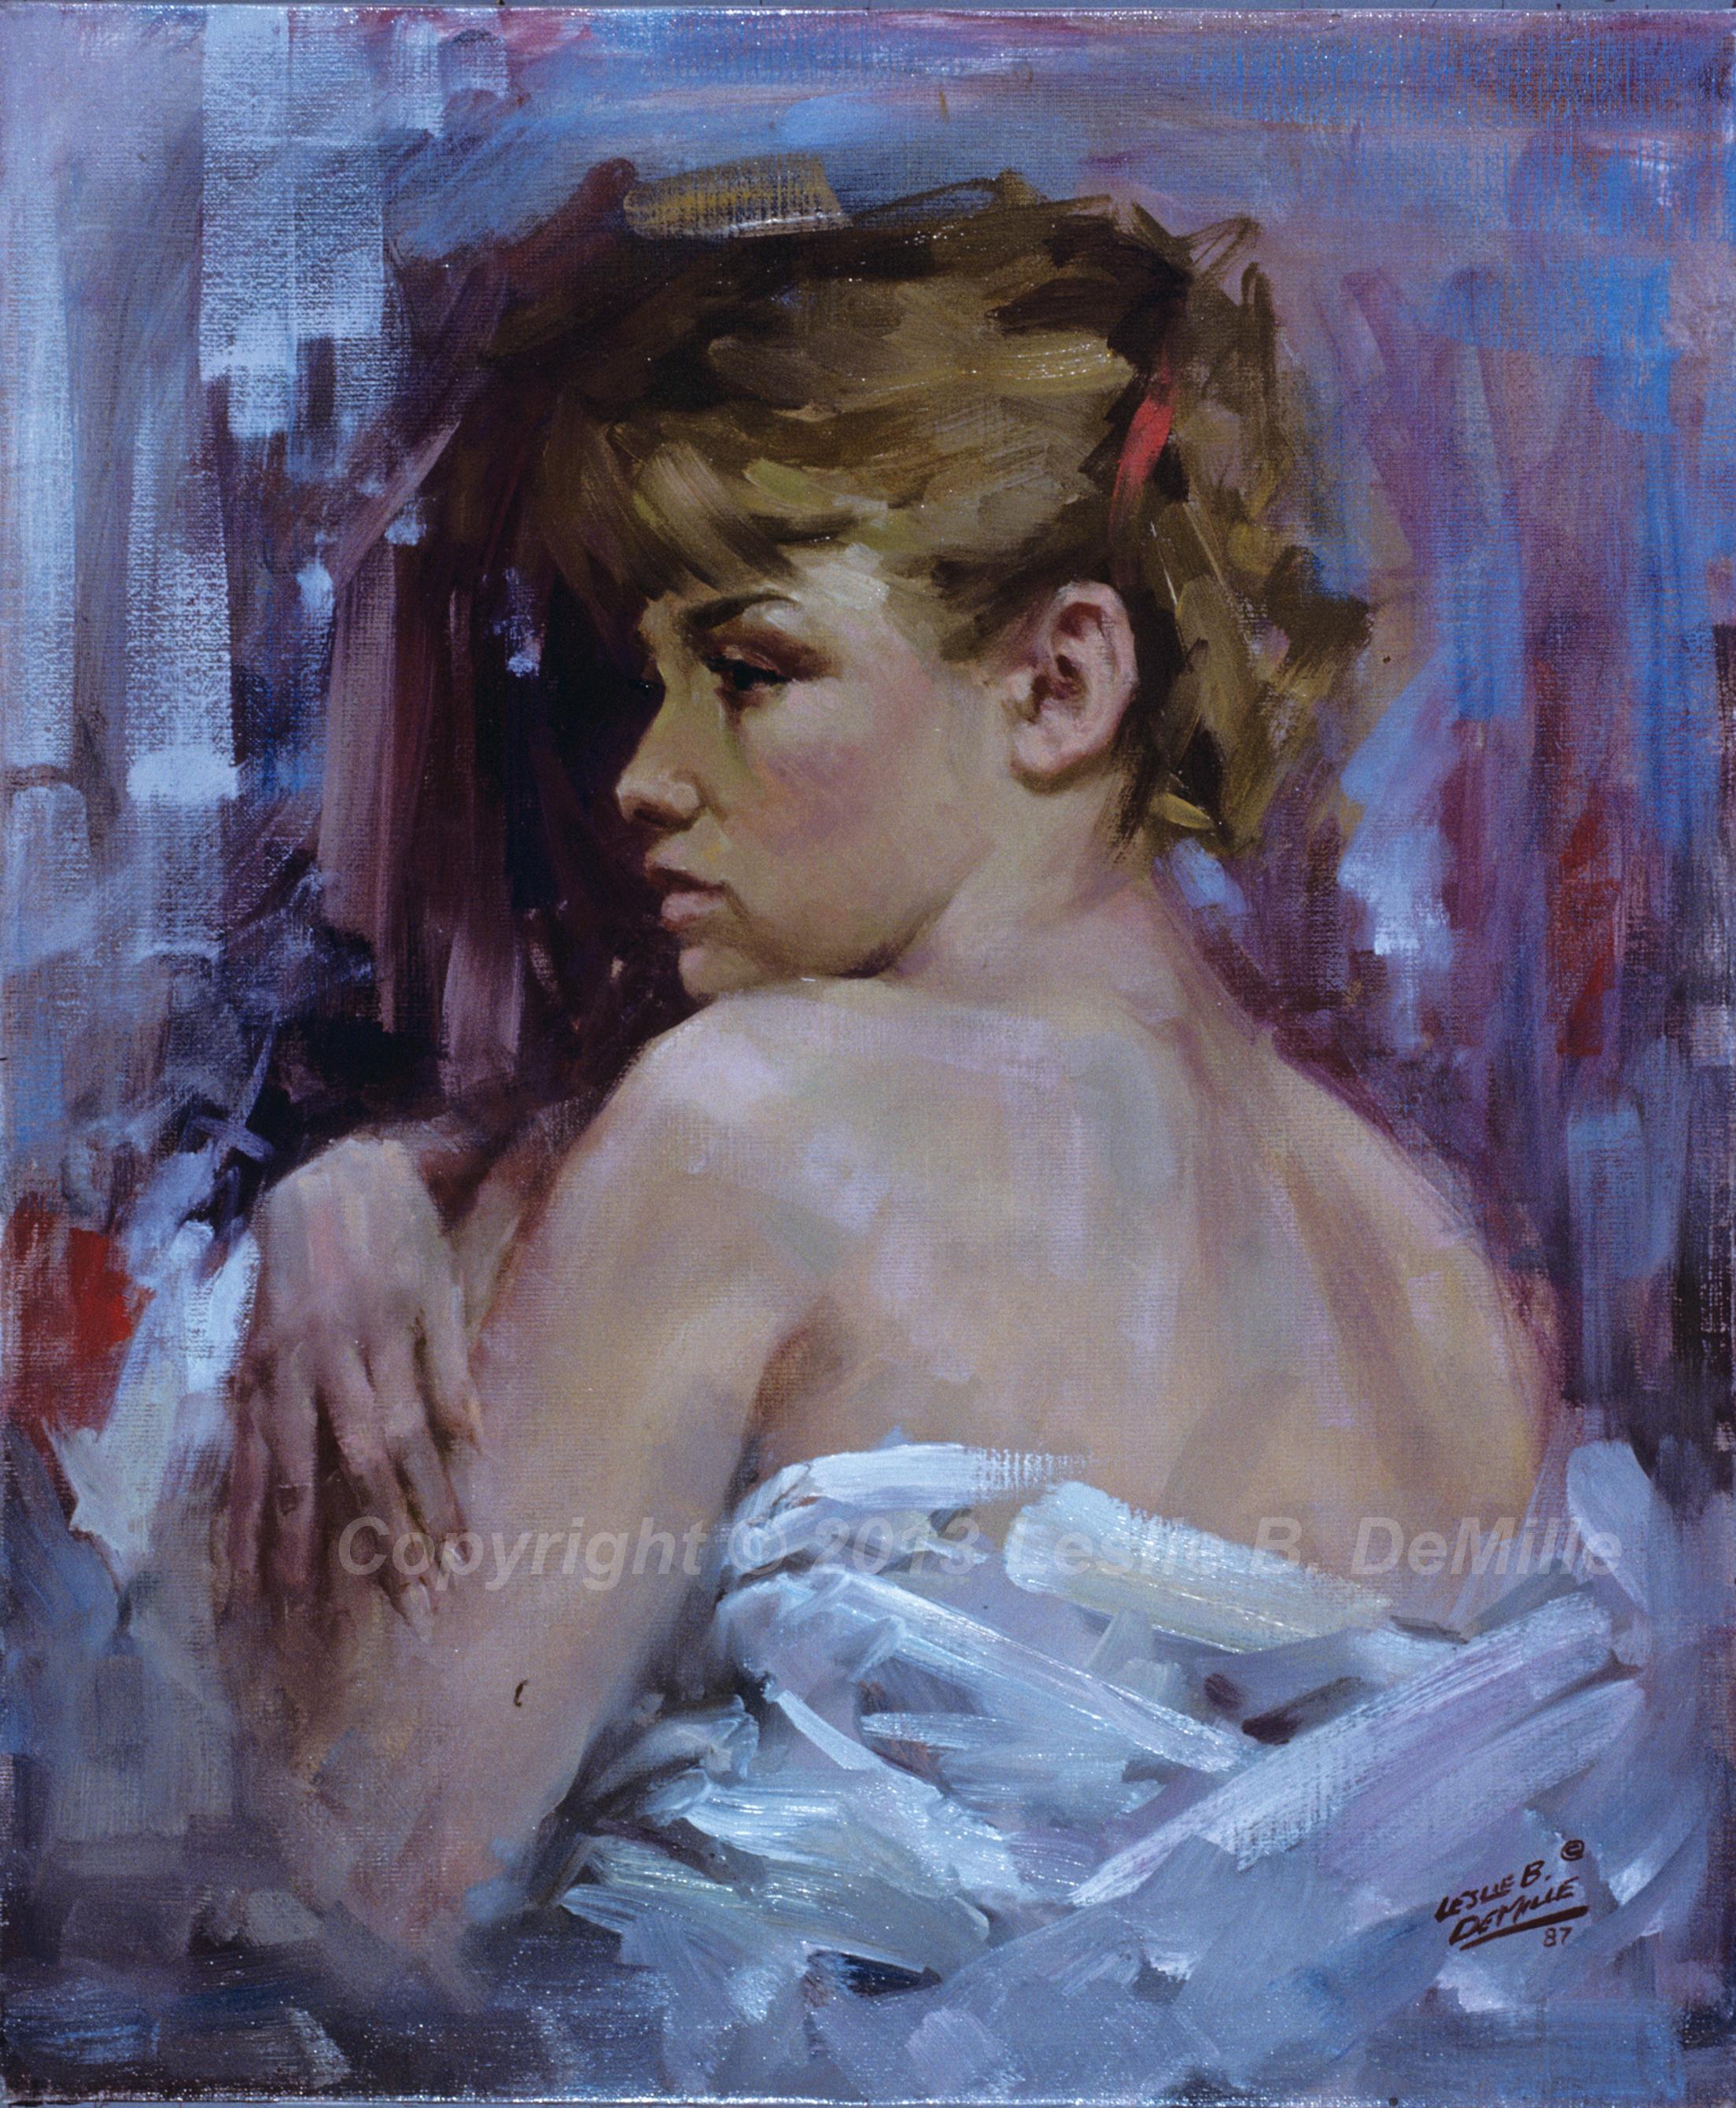 Half Nude, Oil 1987 (11x14)